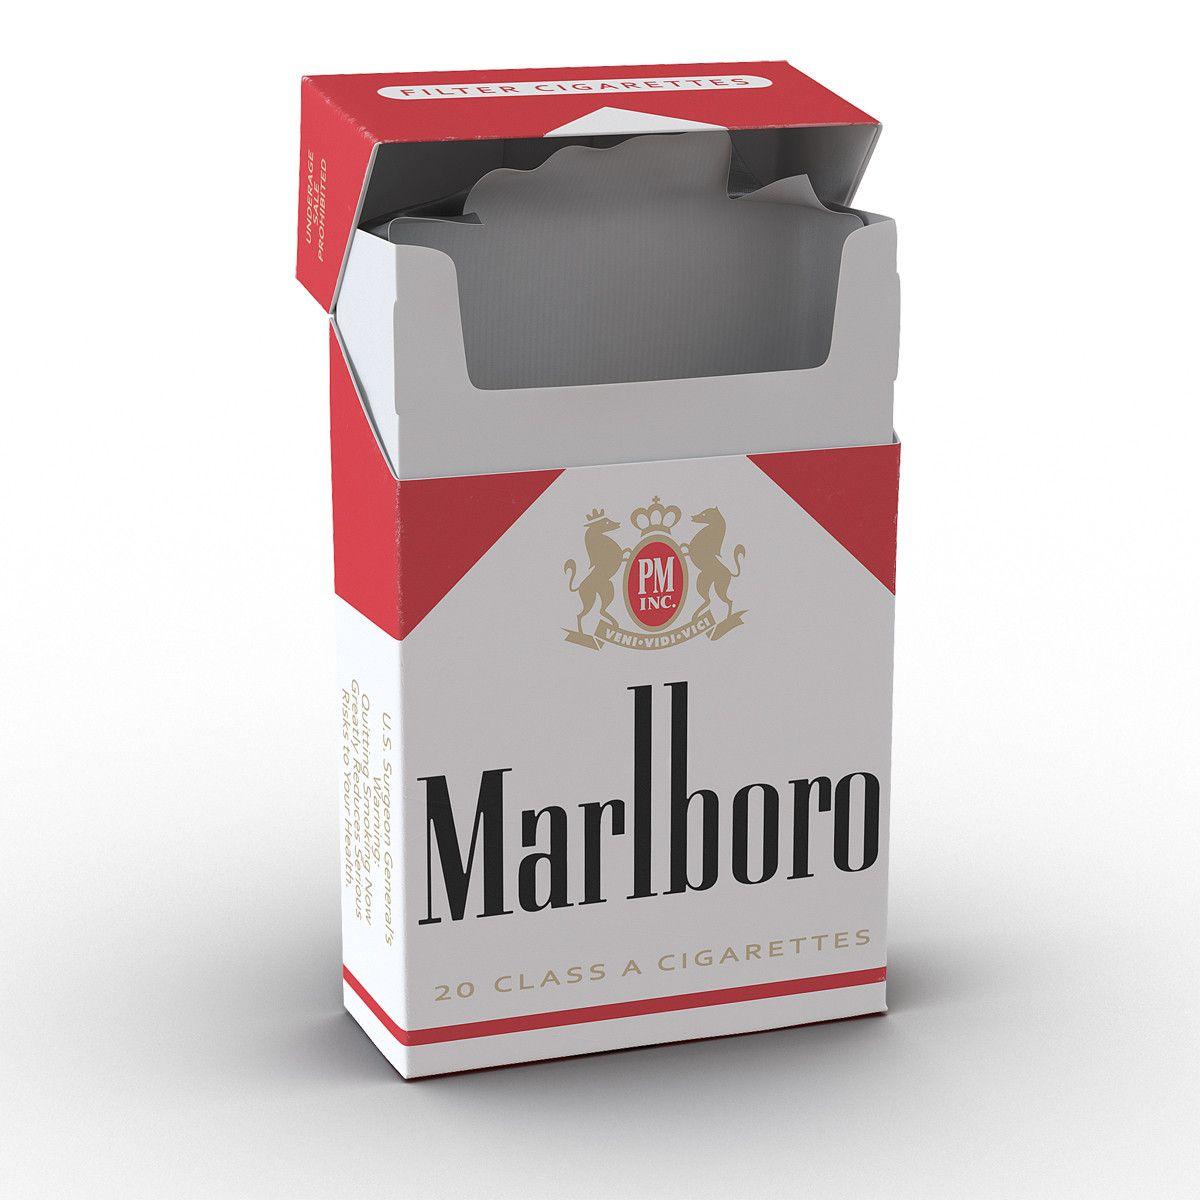 Все марки советских сигарет картинки напольных шкафах